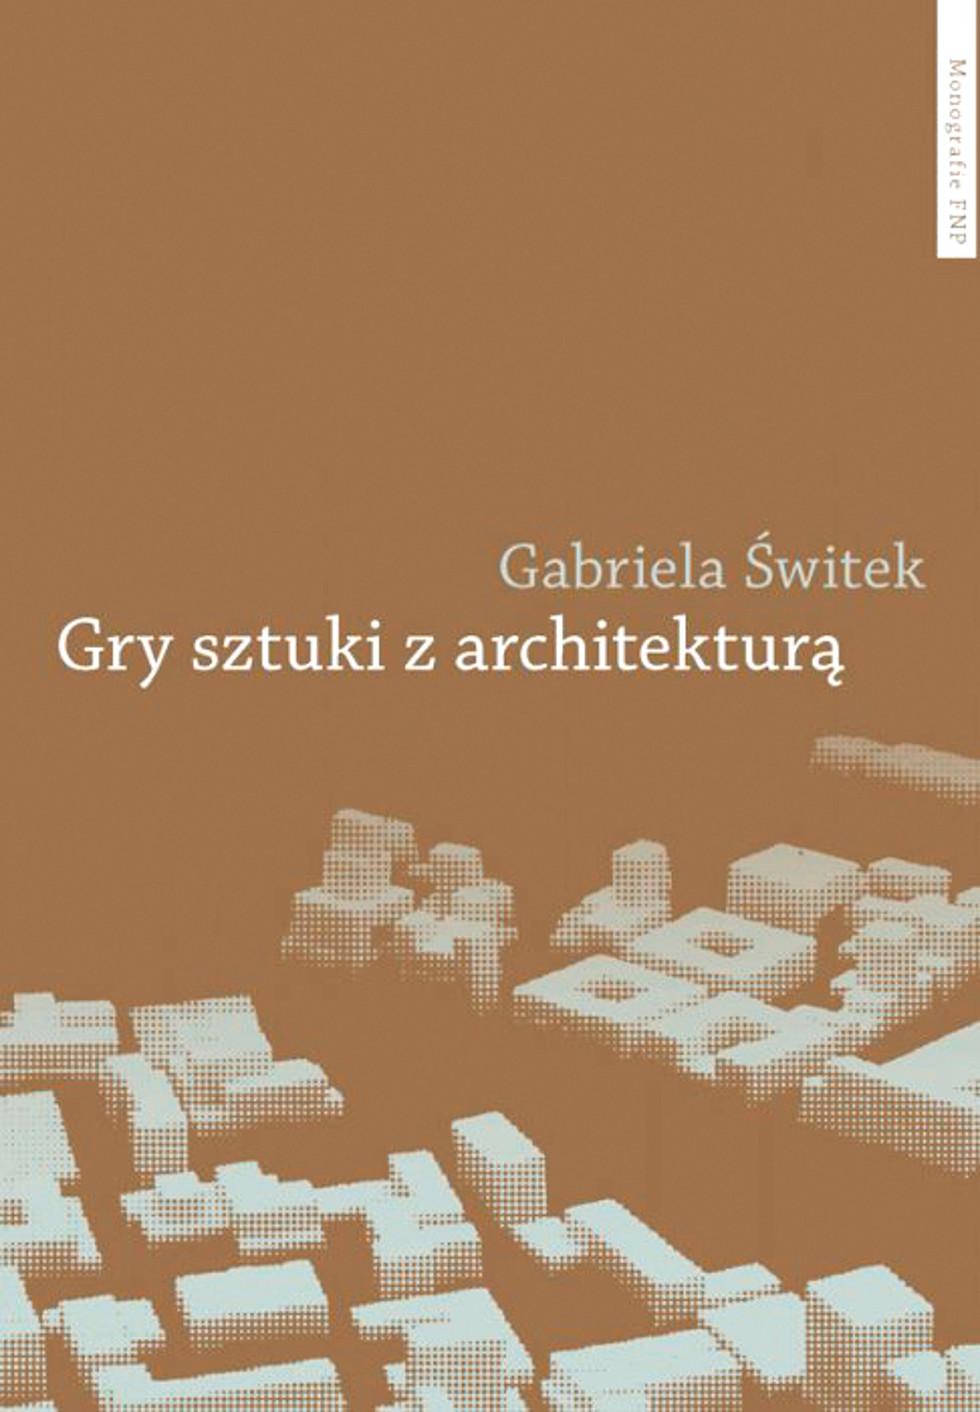 Gry sztuki z architekturą